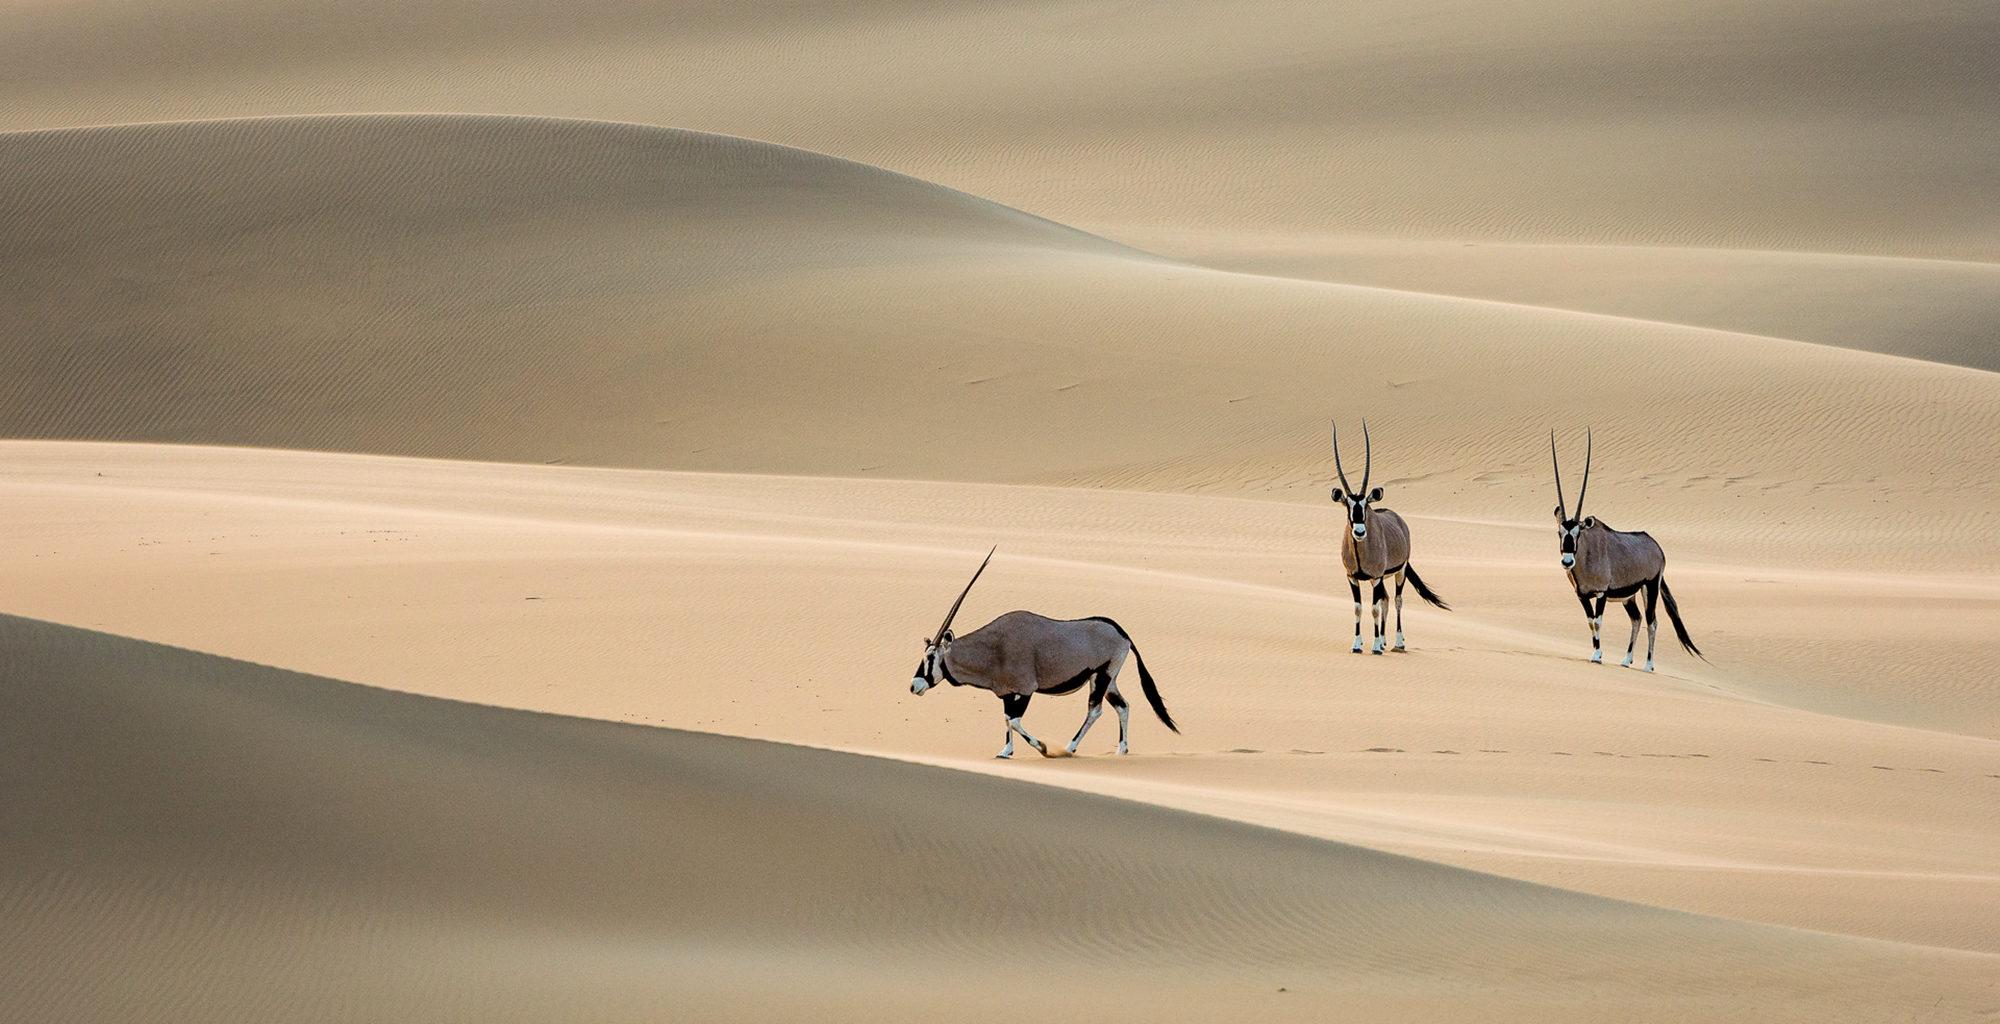 Namibia-Kaokoland-Wildlife-Oryx